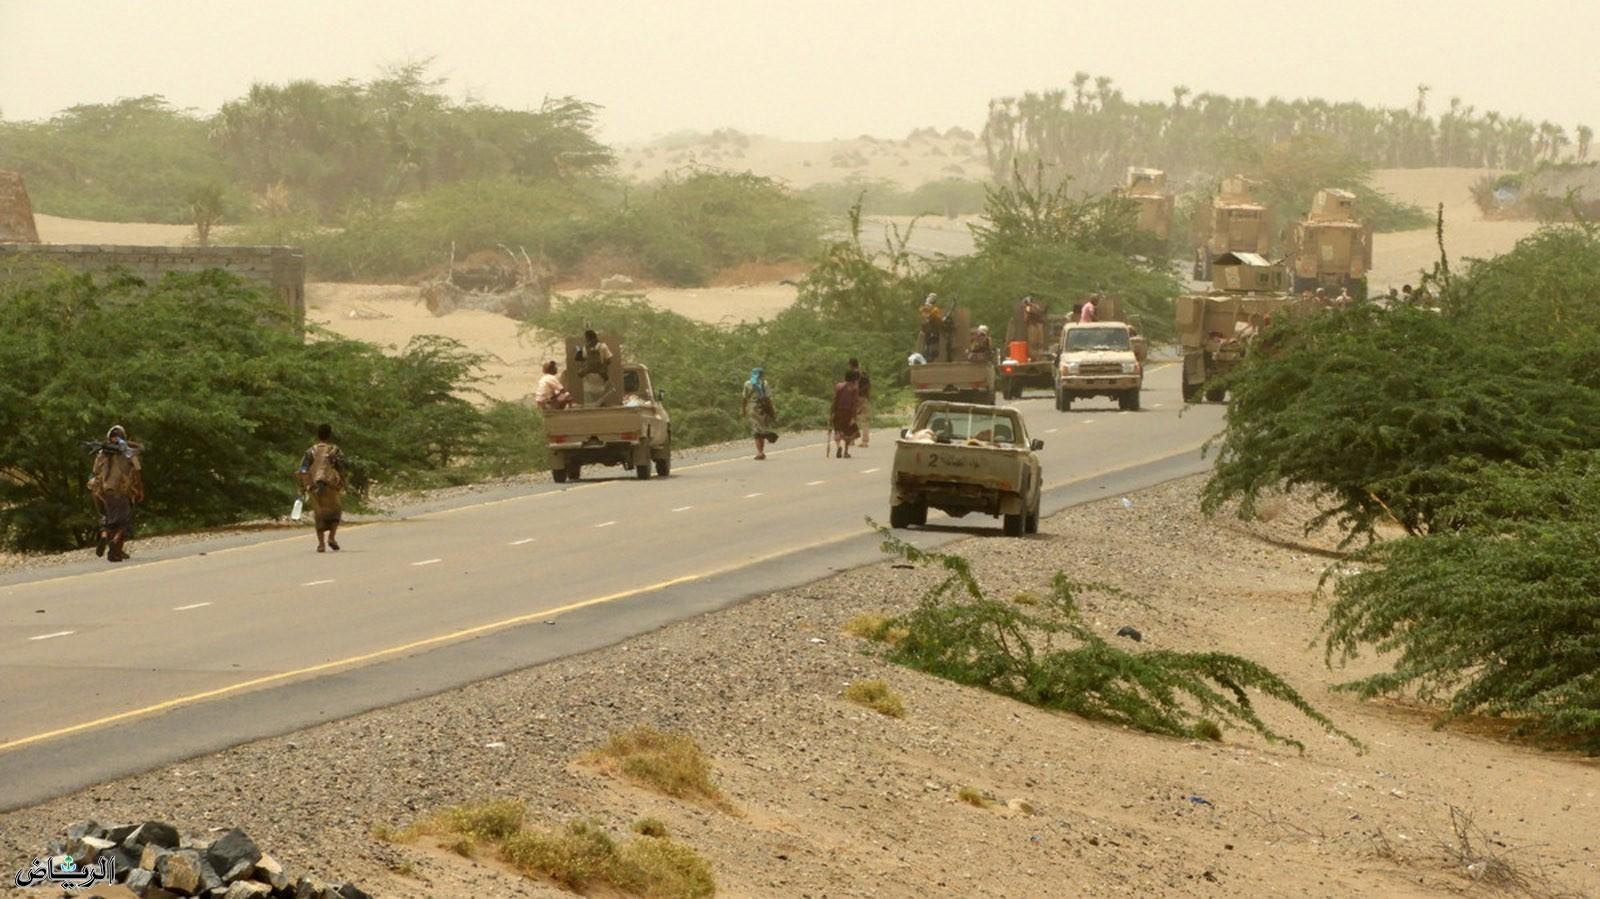 Армия Йемена взяла под контроль новые позиции в провинции Саада